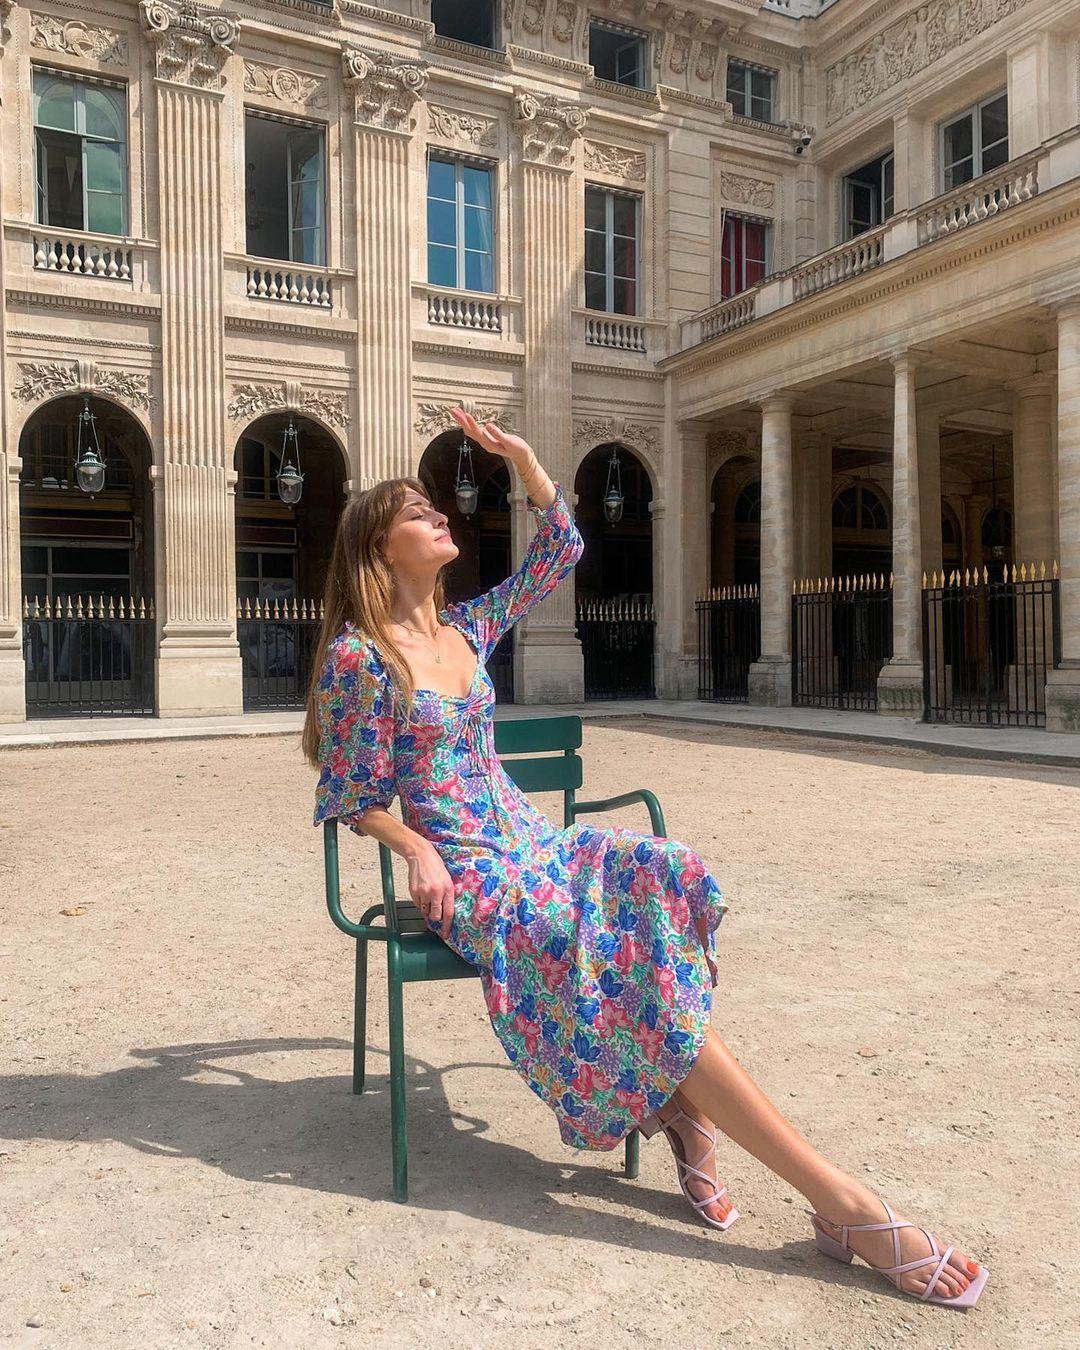 5 mẫu váy gái Pháp đang diện Xuân - Hè nhiều nhất: Kiểu nào mặc lên cũng 'auto' trẻ, xinh 0012